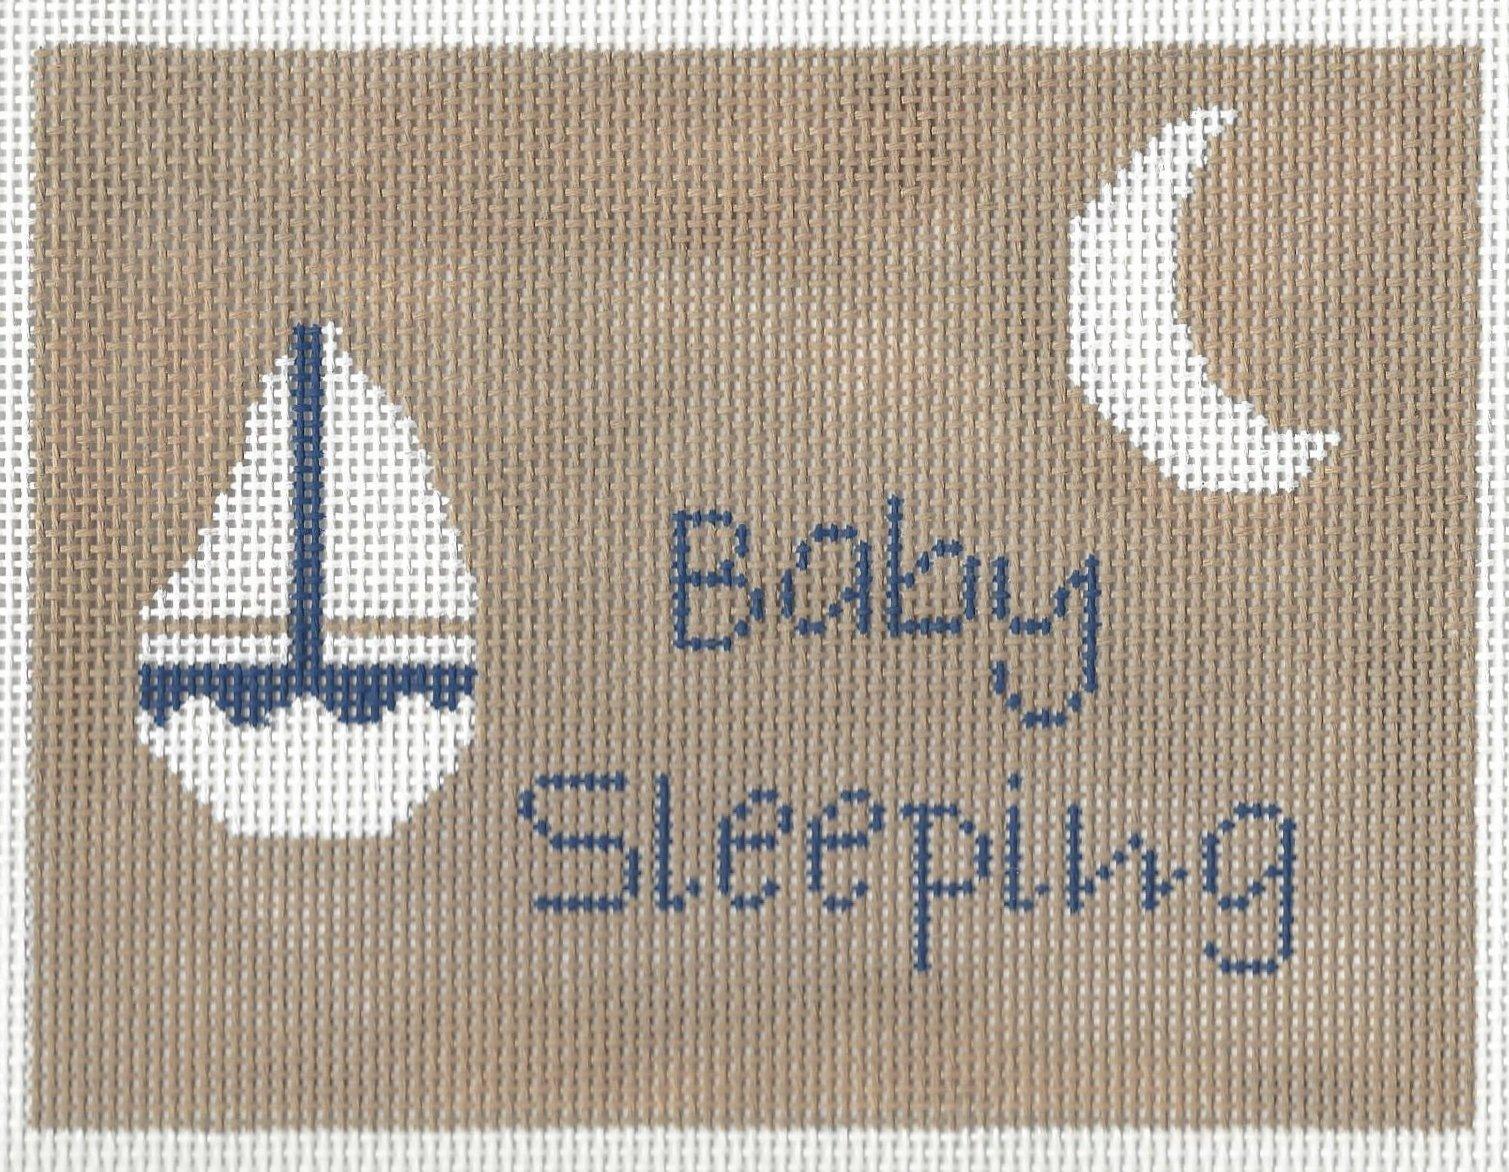 Baby Sleeping Sail Boat